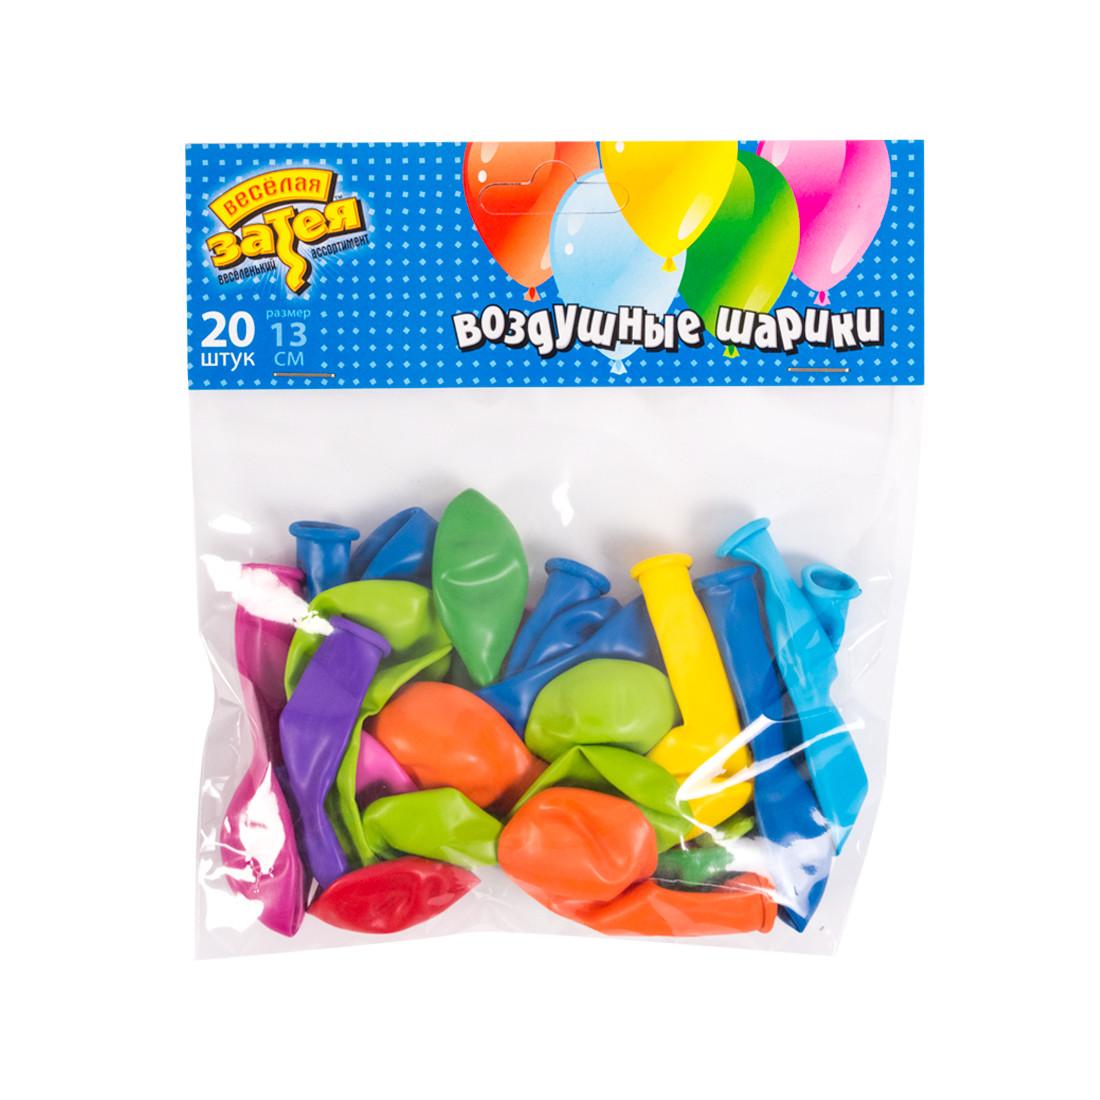 Воздушные шарики 1111-0140 (20 шт. в пакете) - фото 1